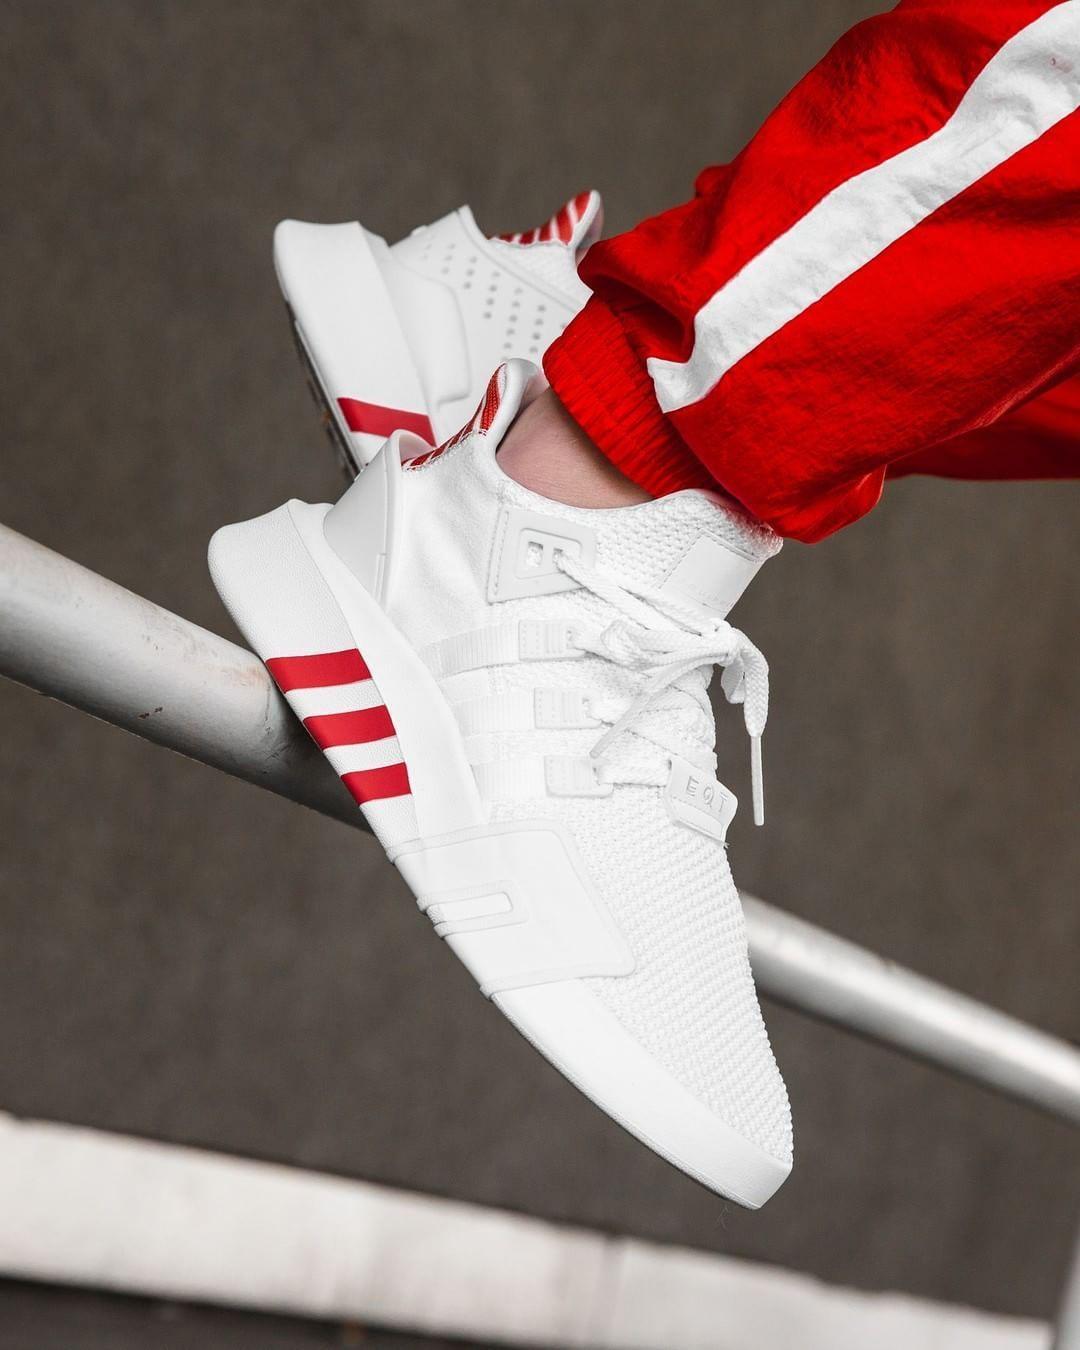 Adidas EQT Bask ADV White   Trace Scarlet Credit   Overkill 1f6f7ca8e